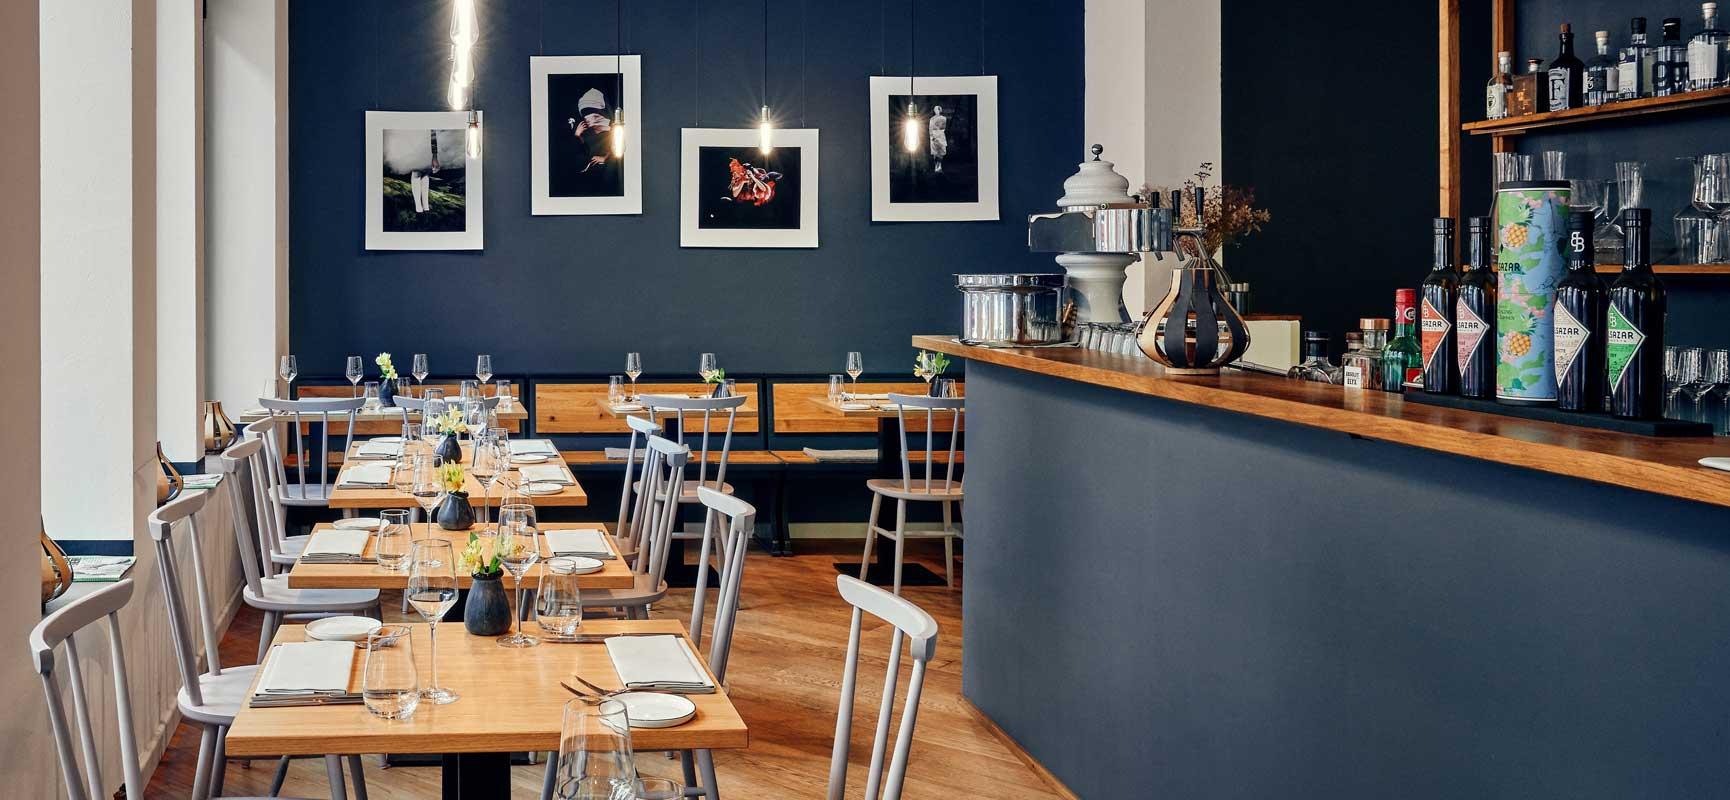 Für Geschäftskunden - Cafés und Restaurants - PCR Kaffeerösterei Hamburg